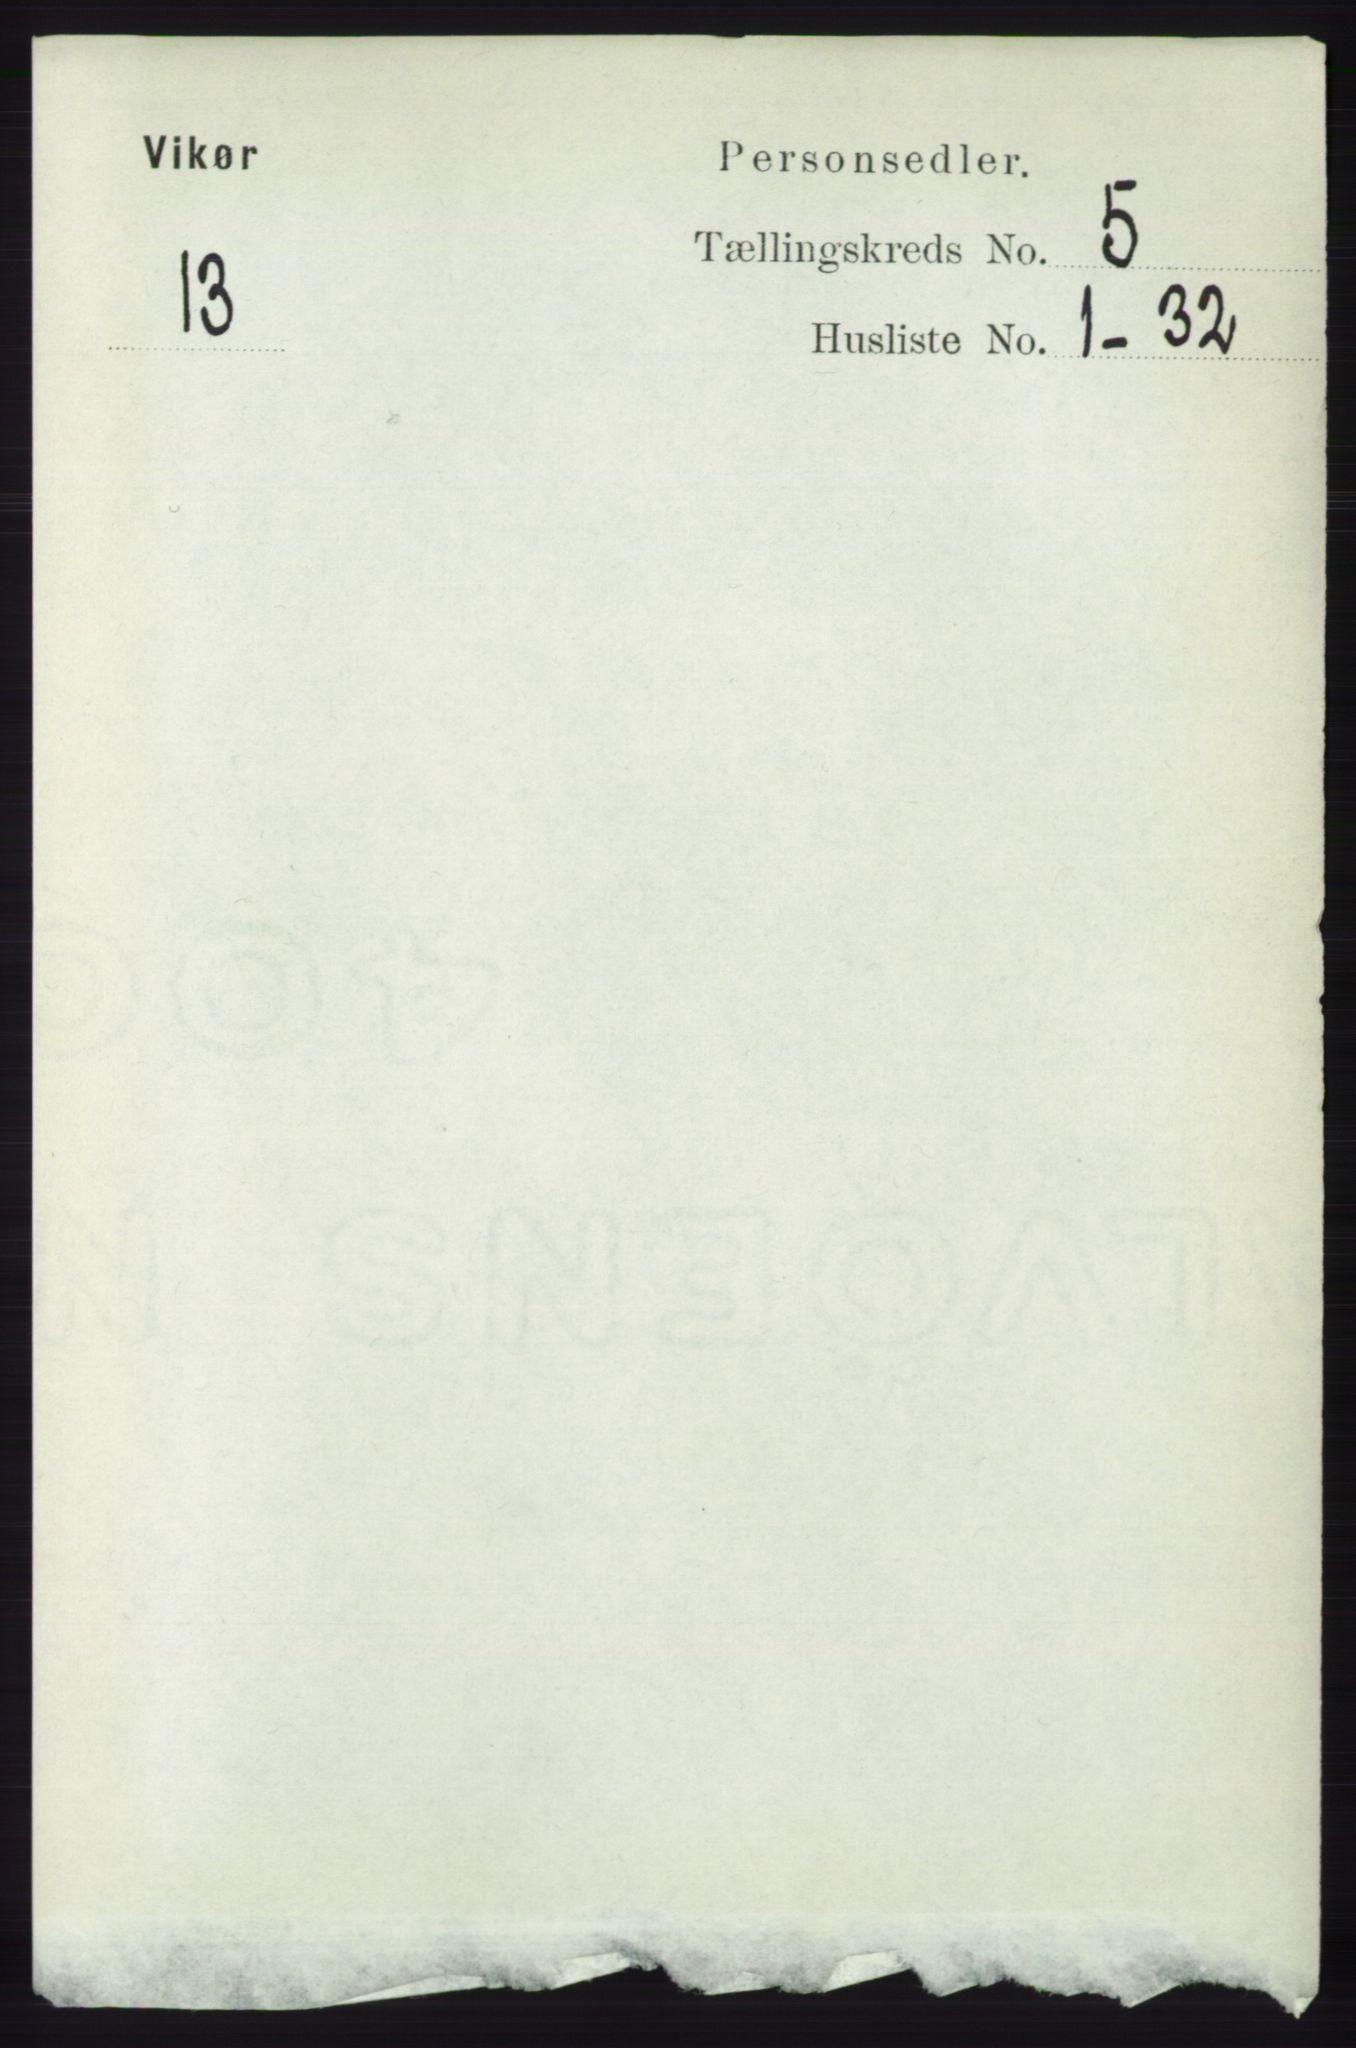 RA, Folketelling 1891 for 1238 Vikør herred, 1891, s. 1416